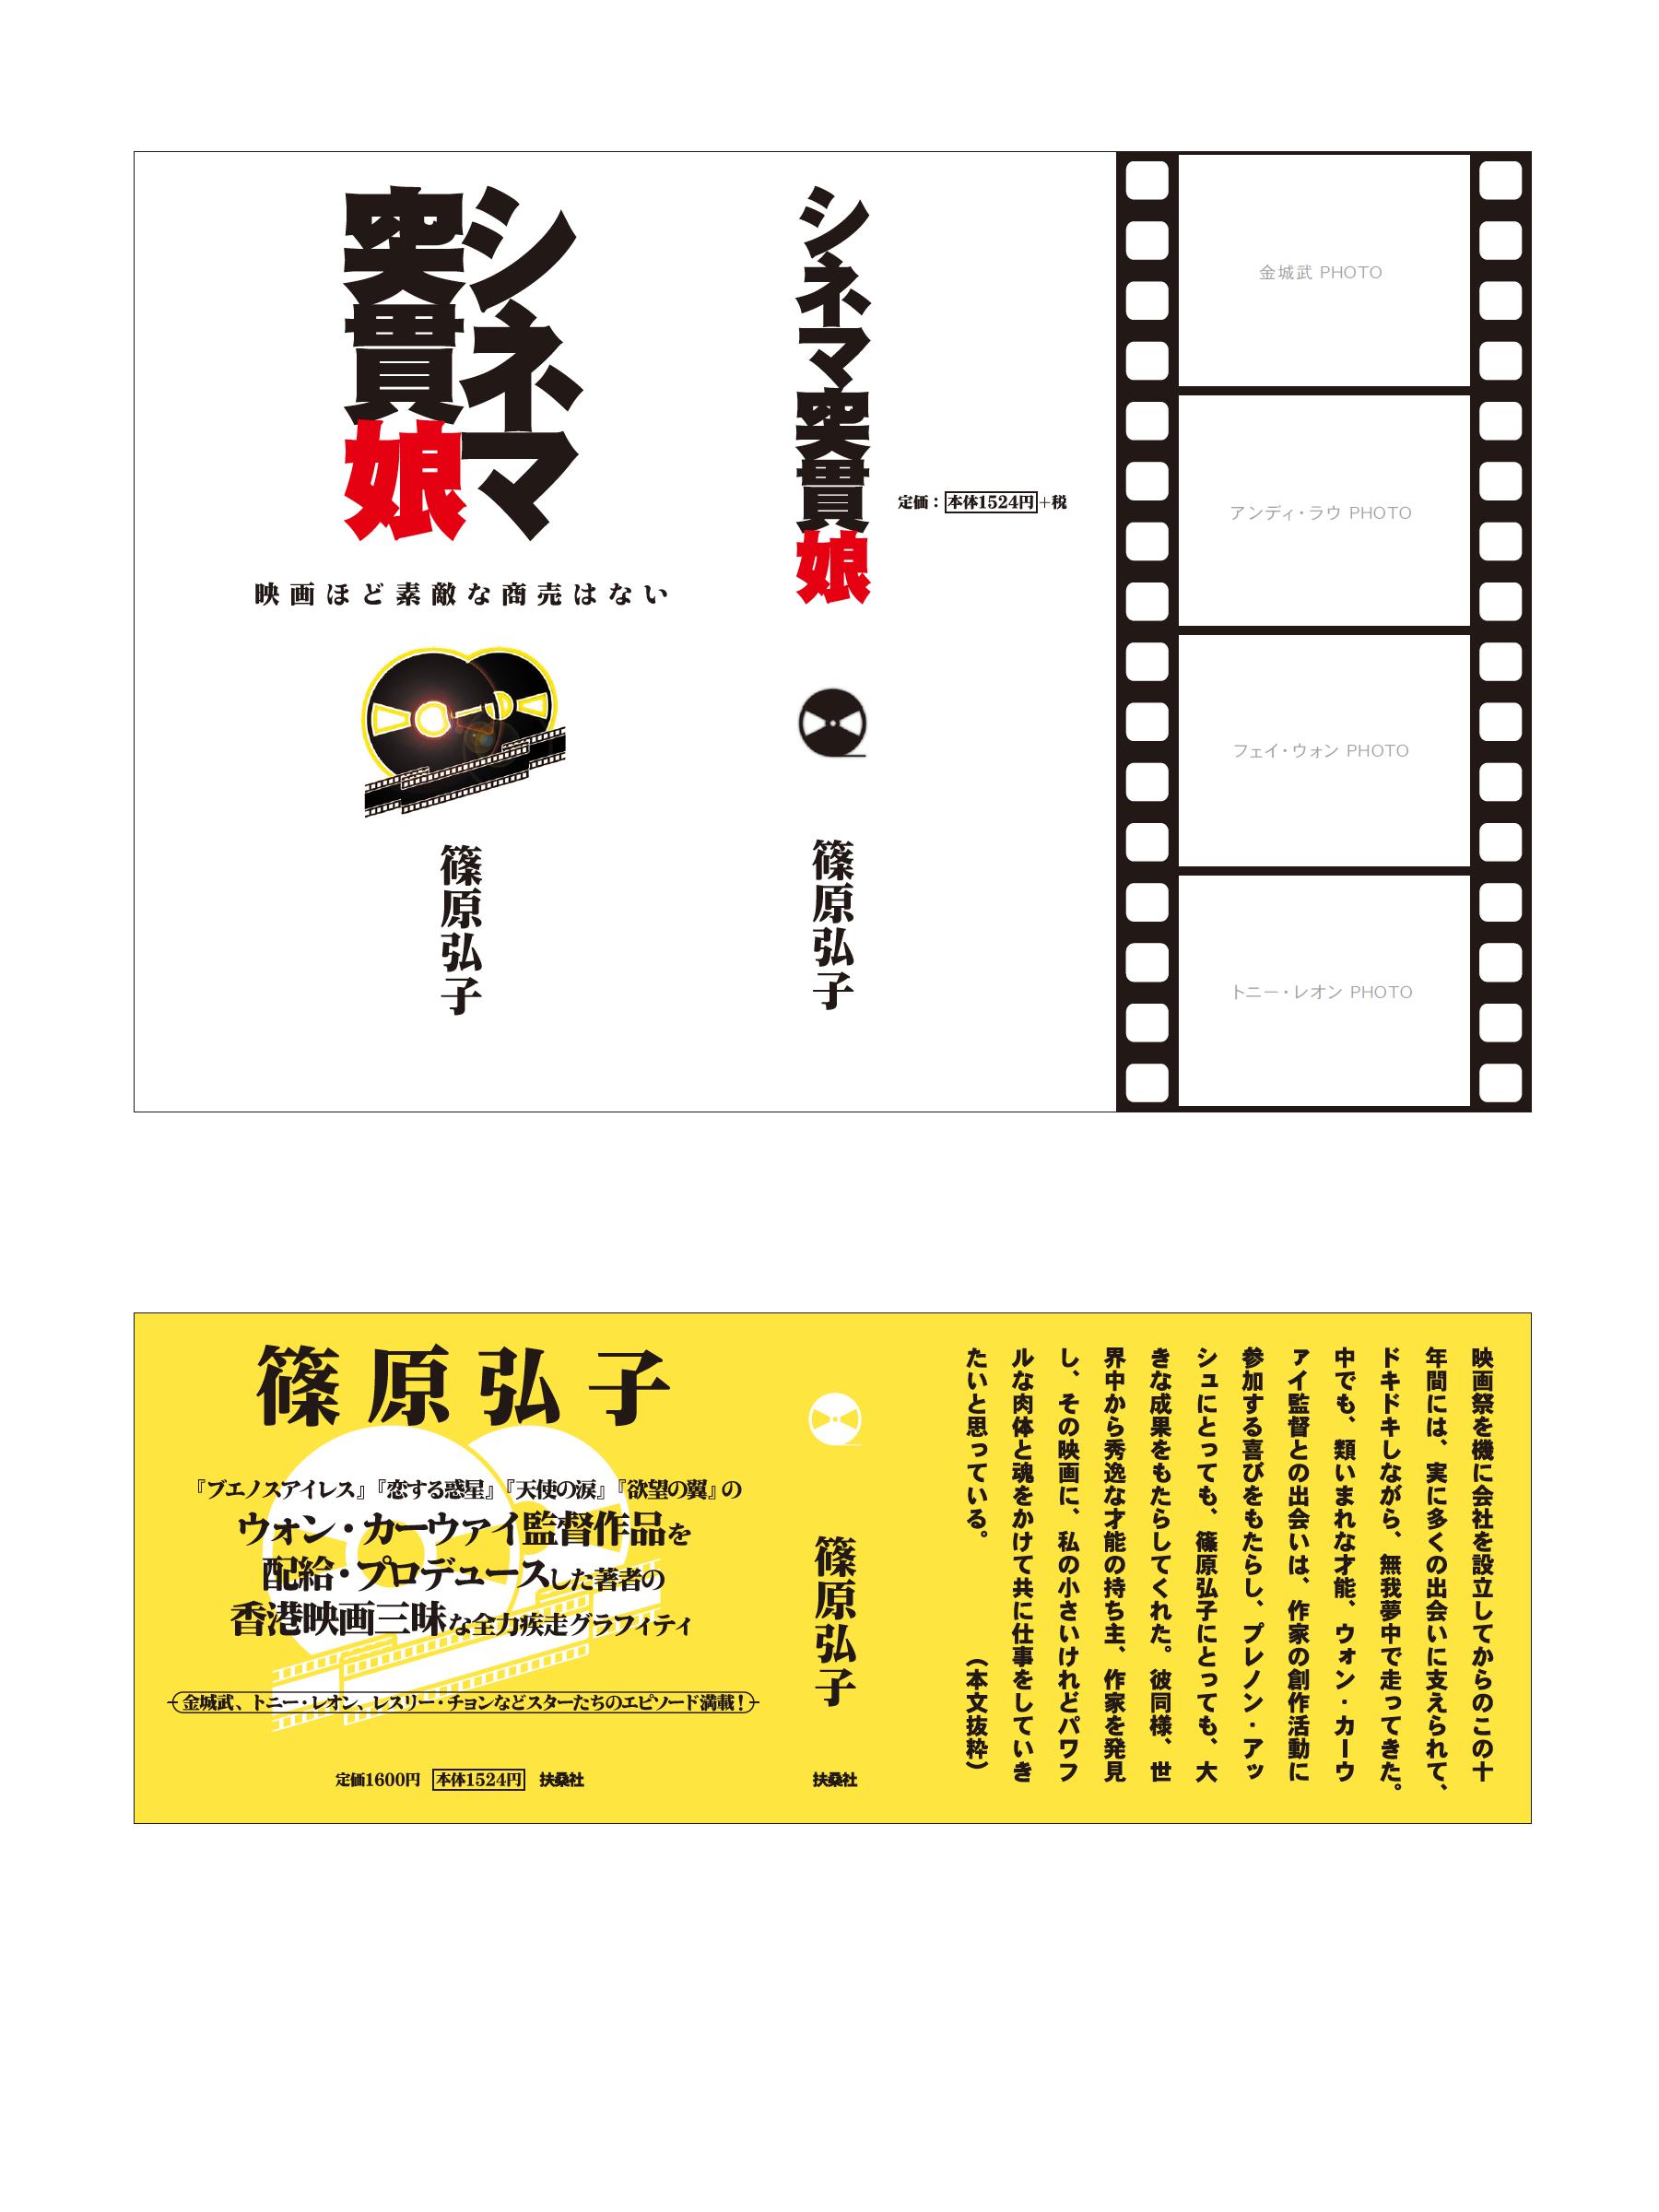 シネマ突貫娘 -映画ほど素敵な商売はない-(篠原弘子 著)